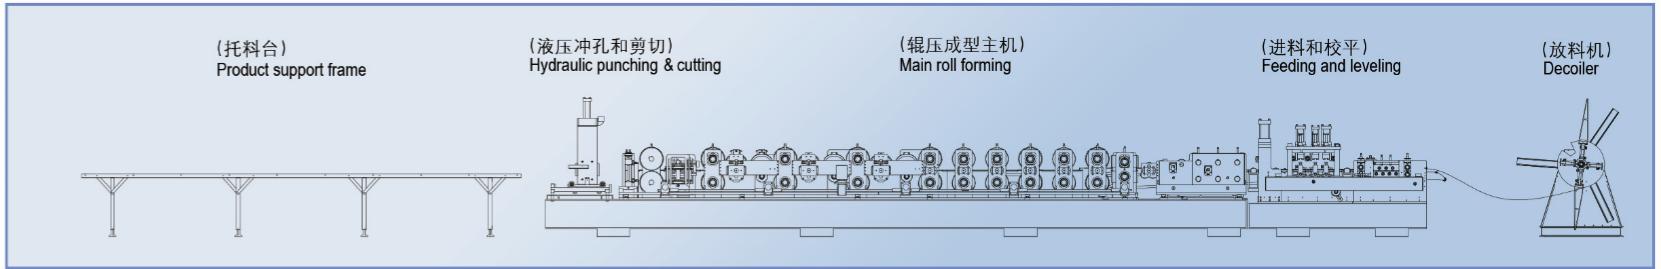 MF200 Machine